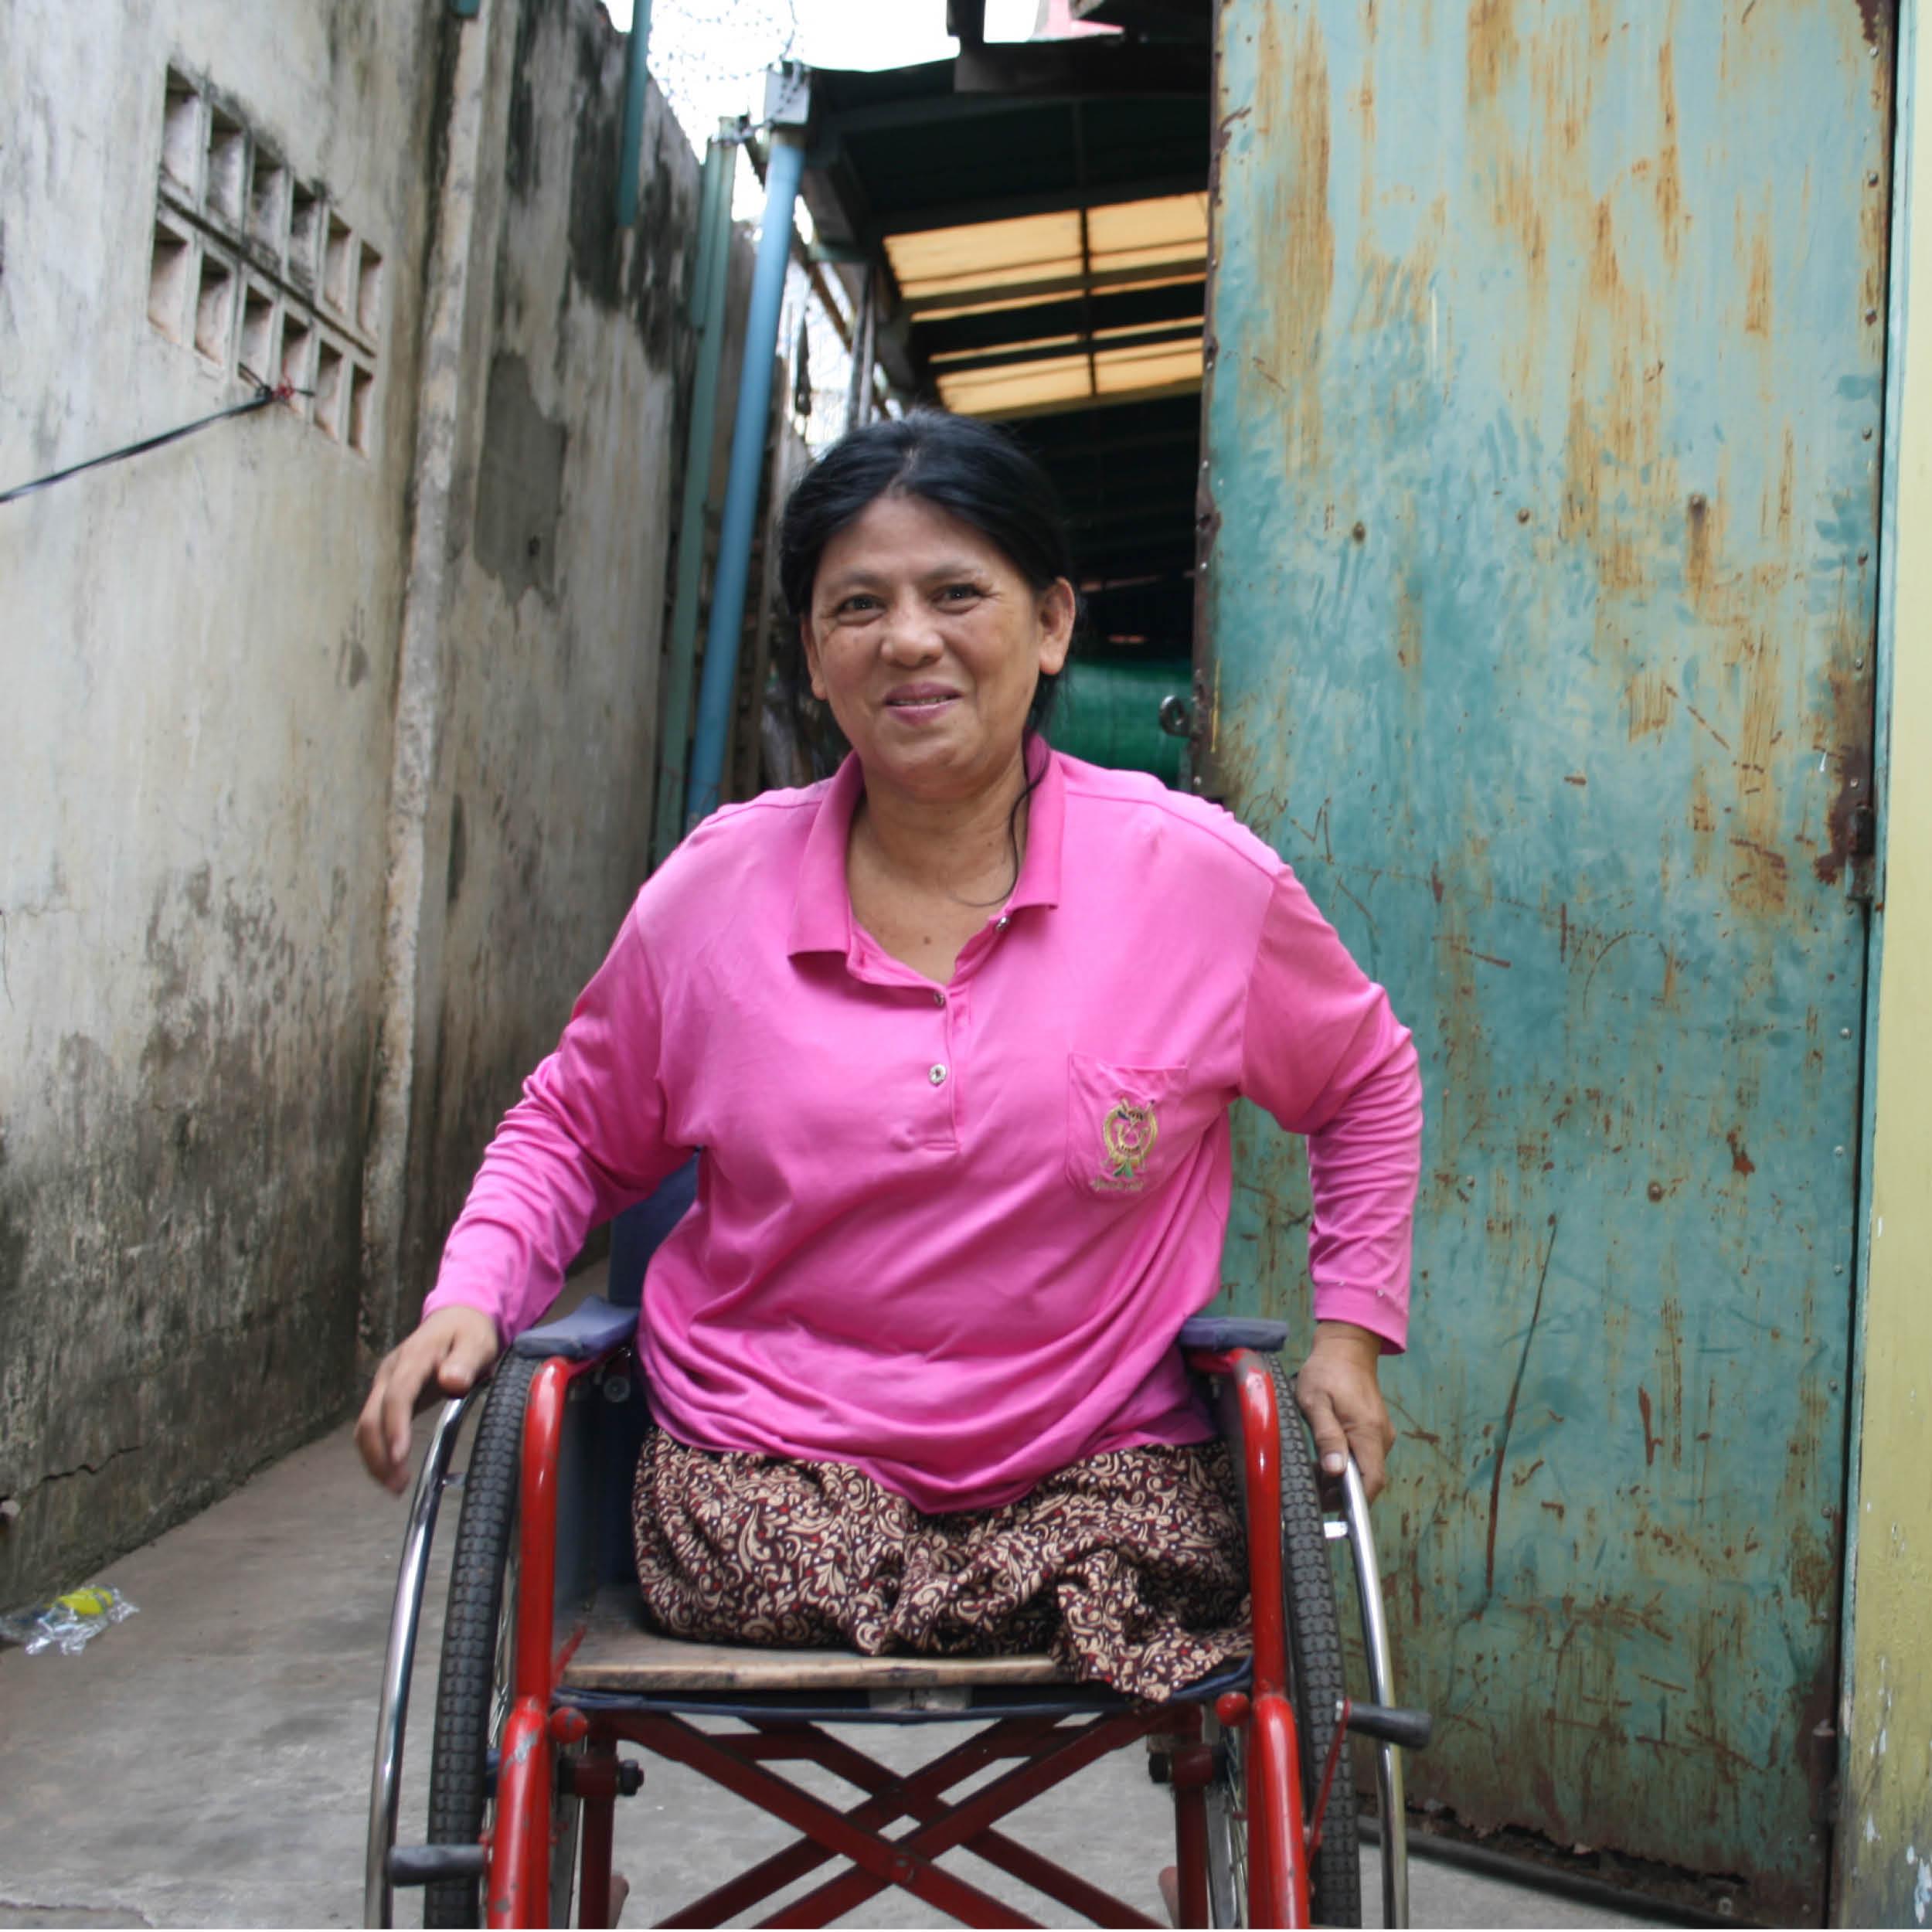 """HEIMARBEITERIN    HERKUNFT: Phnom Penh, Kambodscha ALTER: 53 ♥ FARBE: gelb   Ol erzählte Sissi ihre Geschichte, bei einem ihrer Besuche in der sozialen Werkstätte:   """"Ich heiße Ol Heang und ich freue mich so dich kennen zu lernen. Meine Kolleginnen und Kollegen haben mir schon viel von dir erzählt.  So lautet meine Geschichte: Ich bin sehr dankbar für mein Leben, denn ich habe meine Schwestern im Khmer Rouge Krieg verloren. Nach dem Krieg war Kambodscha voller Landminen, auch heute gibt es noch einige davon da draußen. Vor 25 Jahren hatte ich einen tragischen Unfall. Ich war mit meinem Ehemann am Land, wir wollten uns einen netten Ort zum Leben suchen. Ich bin gerade durch den Wald gegangen, als ich plötzlich auf etwas trat, das sofort explodierte. Ich verlor beide Beine. Schau mal, ich möchte dir unser Hochzeitsbild zeigen – sehe ich da nicnt schön aus? Nach dem Unfall wendete sich mein Leben um 180 Grad. Ich begann zu Hause zu sticken und zu nähen und ab und zu besuche ich unseren Workshop in Phnom Penh. Ich bin sehr glücklich, wenn Leute meine Arbeit schätzen und meine kleinen Werke kaufen. Ich wünsche dir viel Glück!"""""""